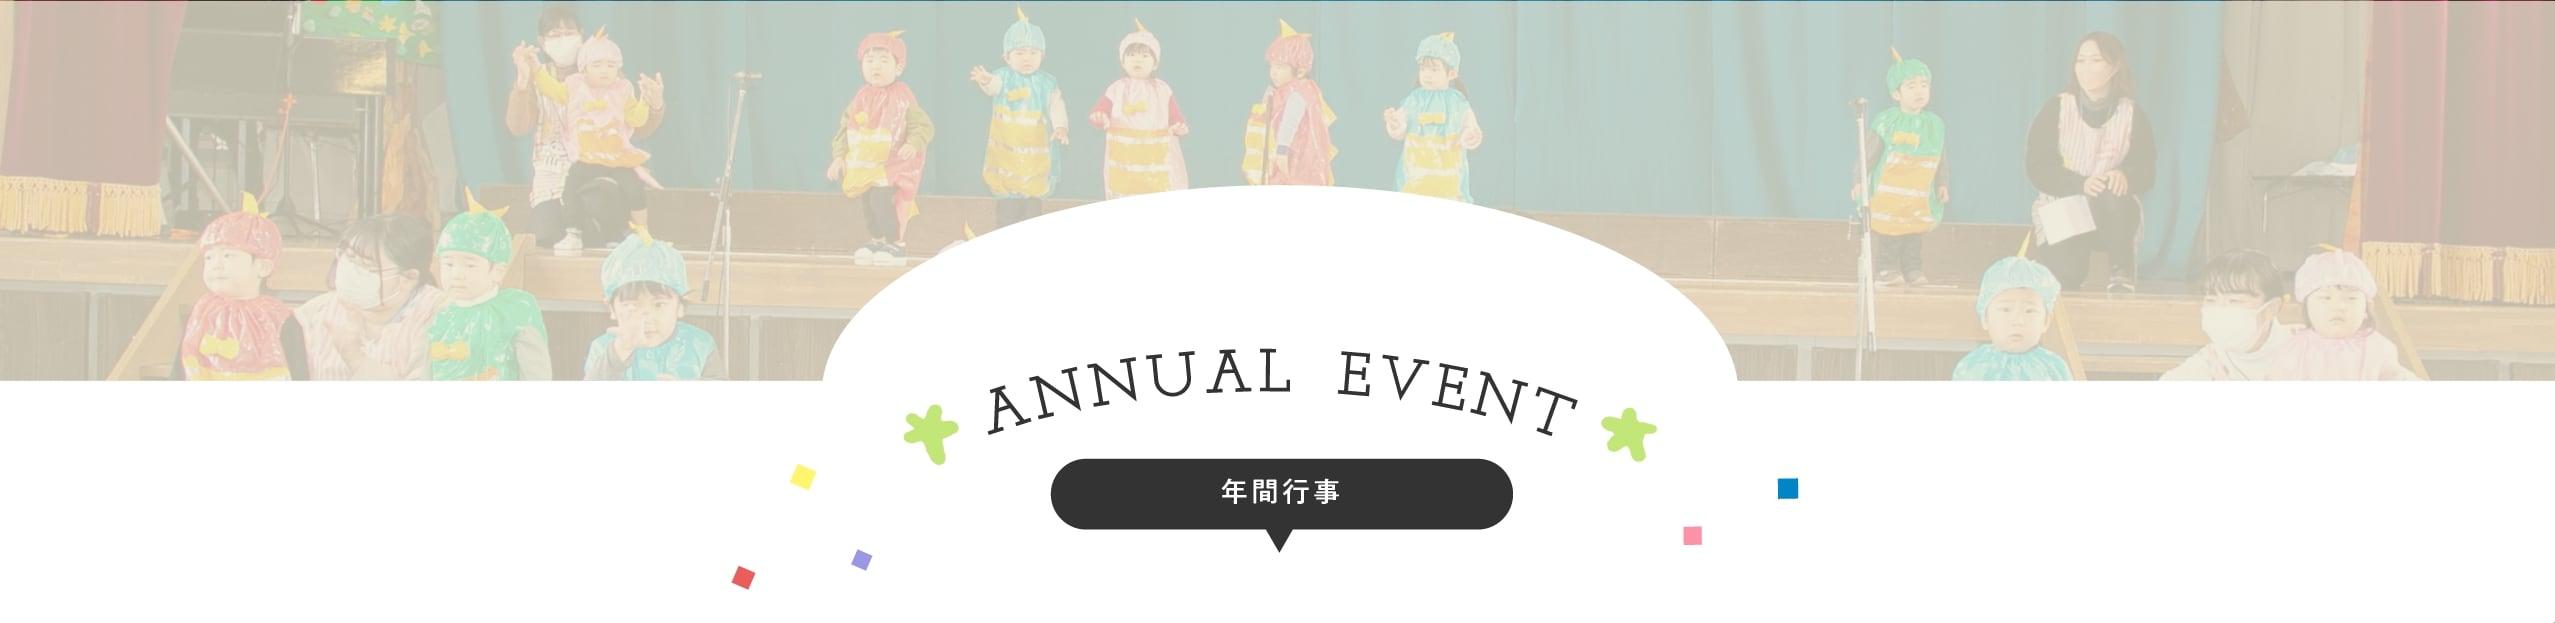 ANNUAL EVENT -年間行事-